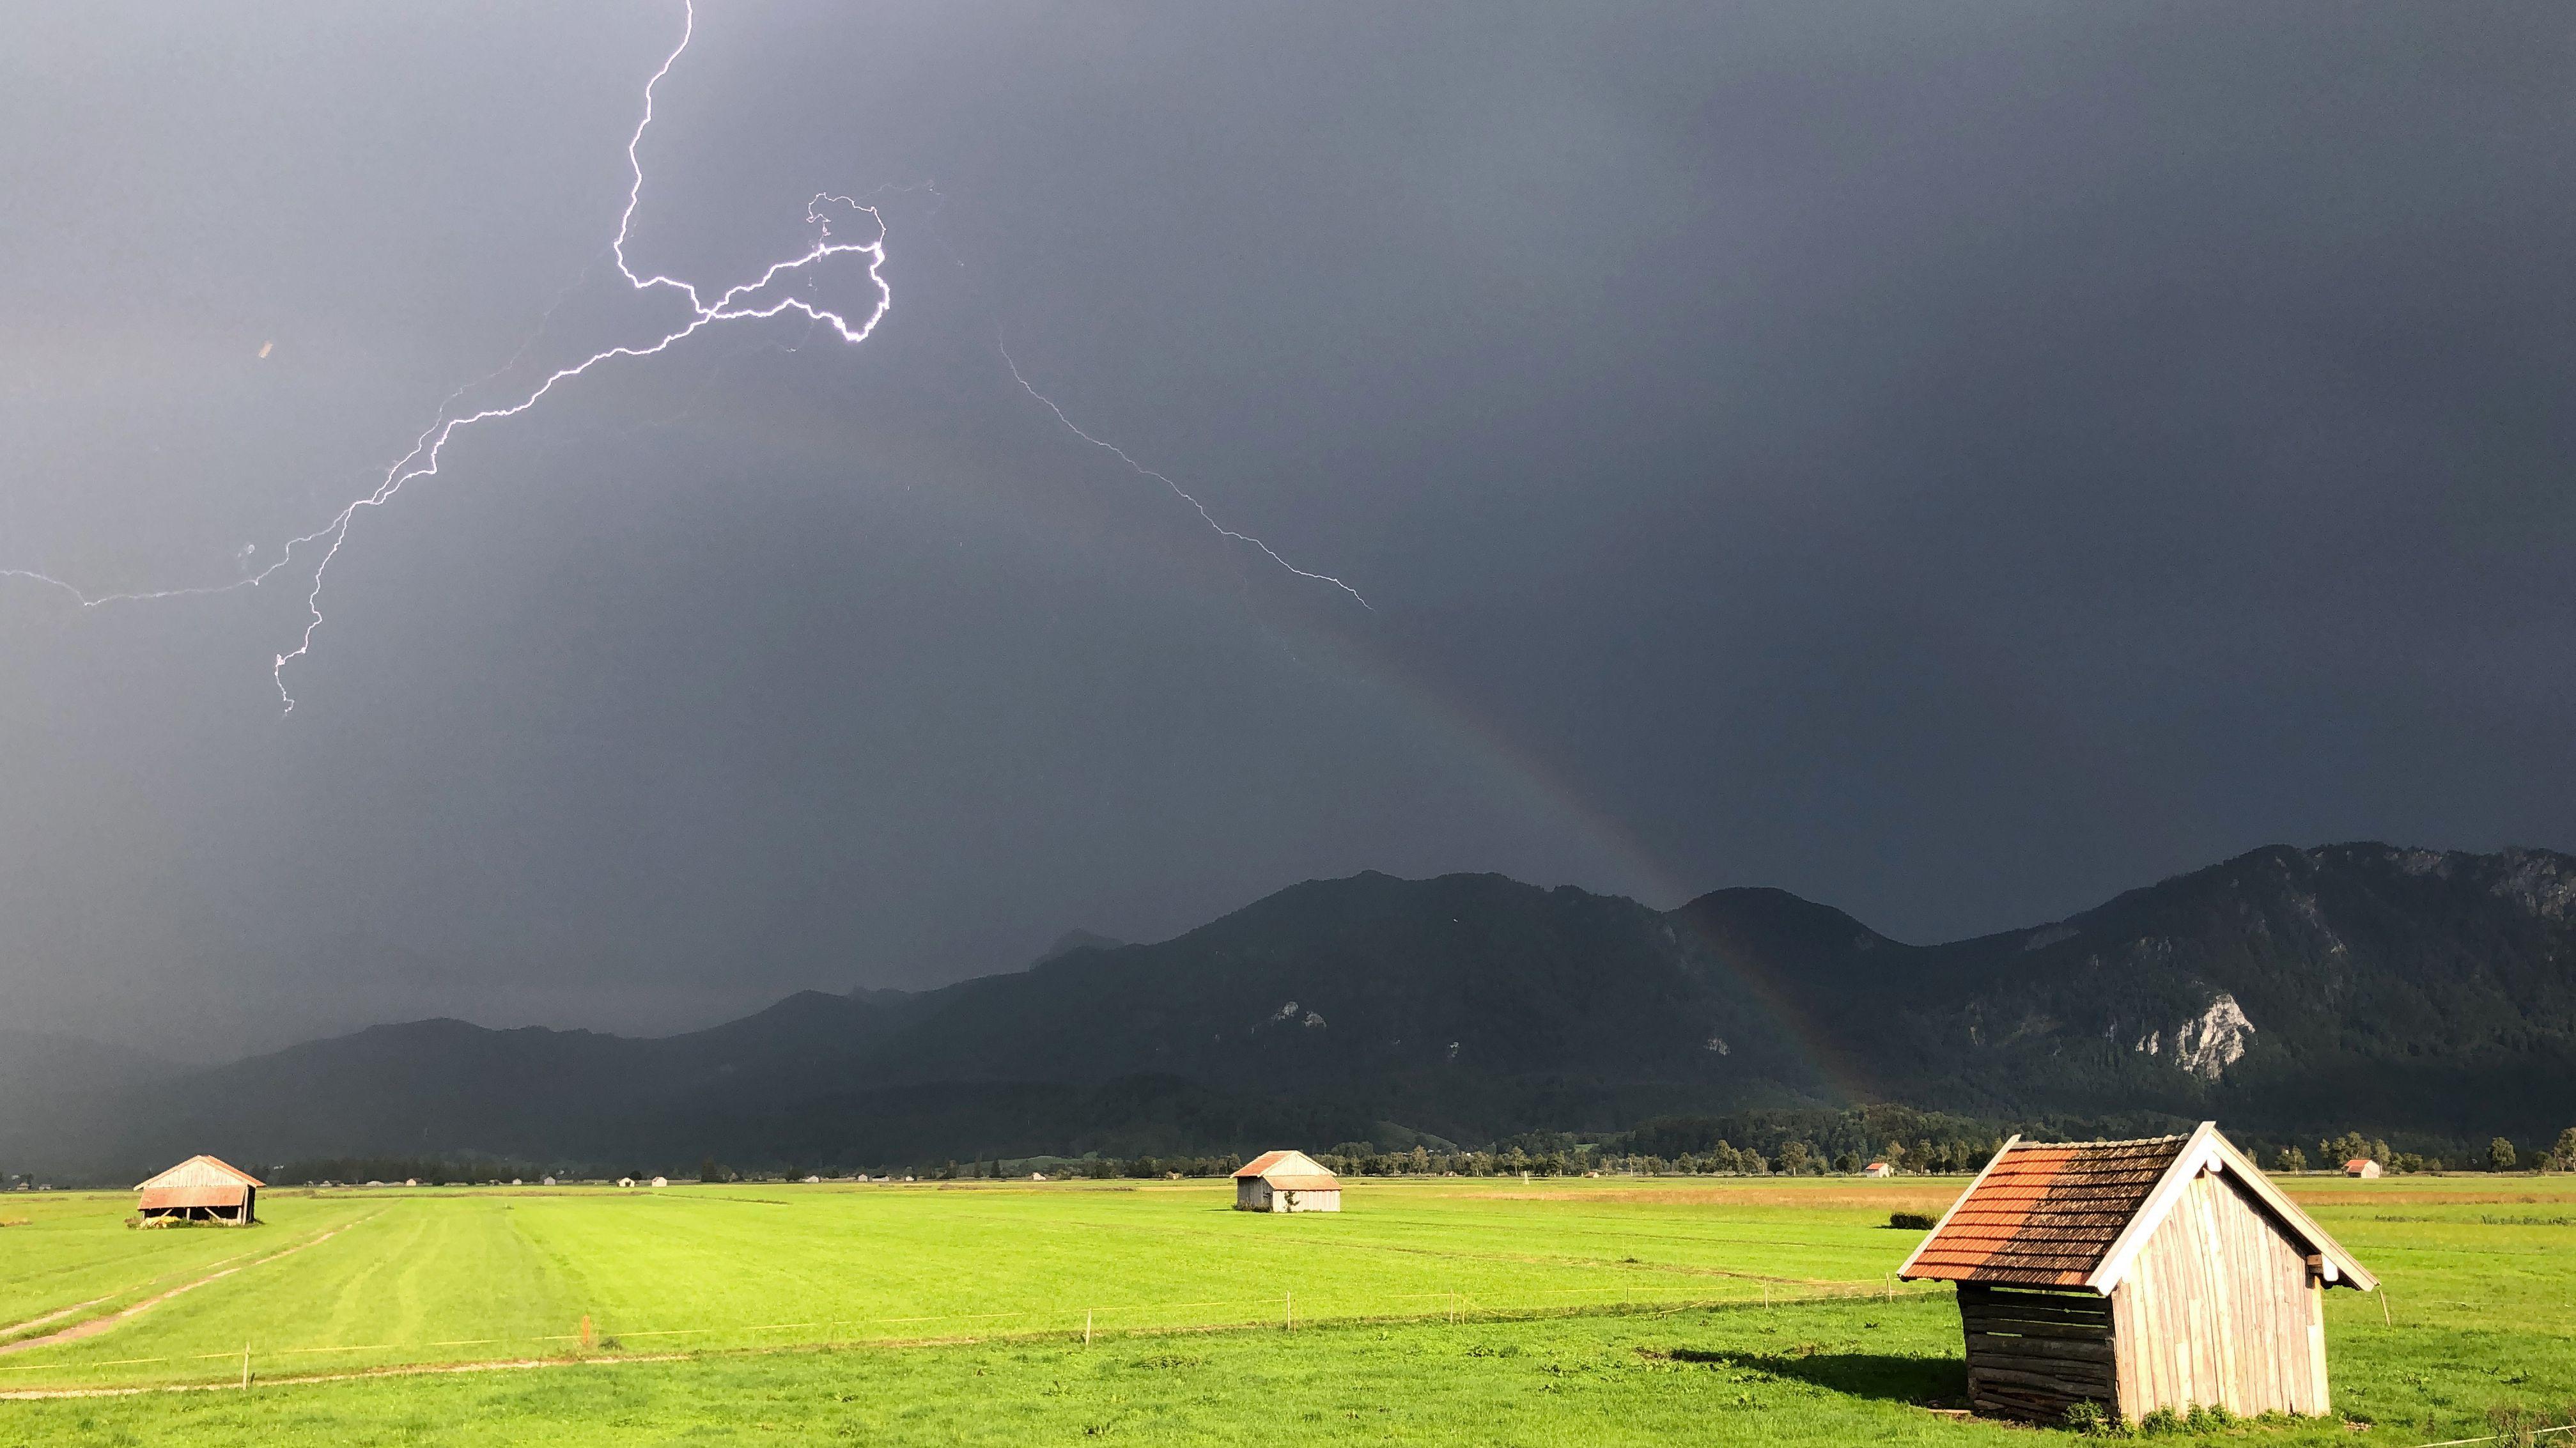 24.08.2019, Schlehdorf: Ein Blitz zuckt über den bayerischen Voralpen, während über einer Weide ein Regenbogen erkennbar ist.